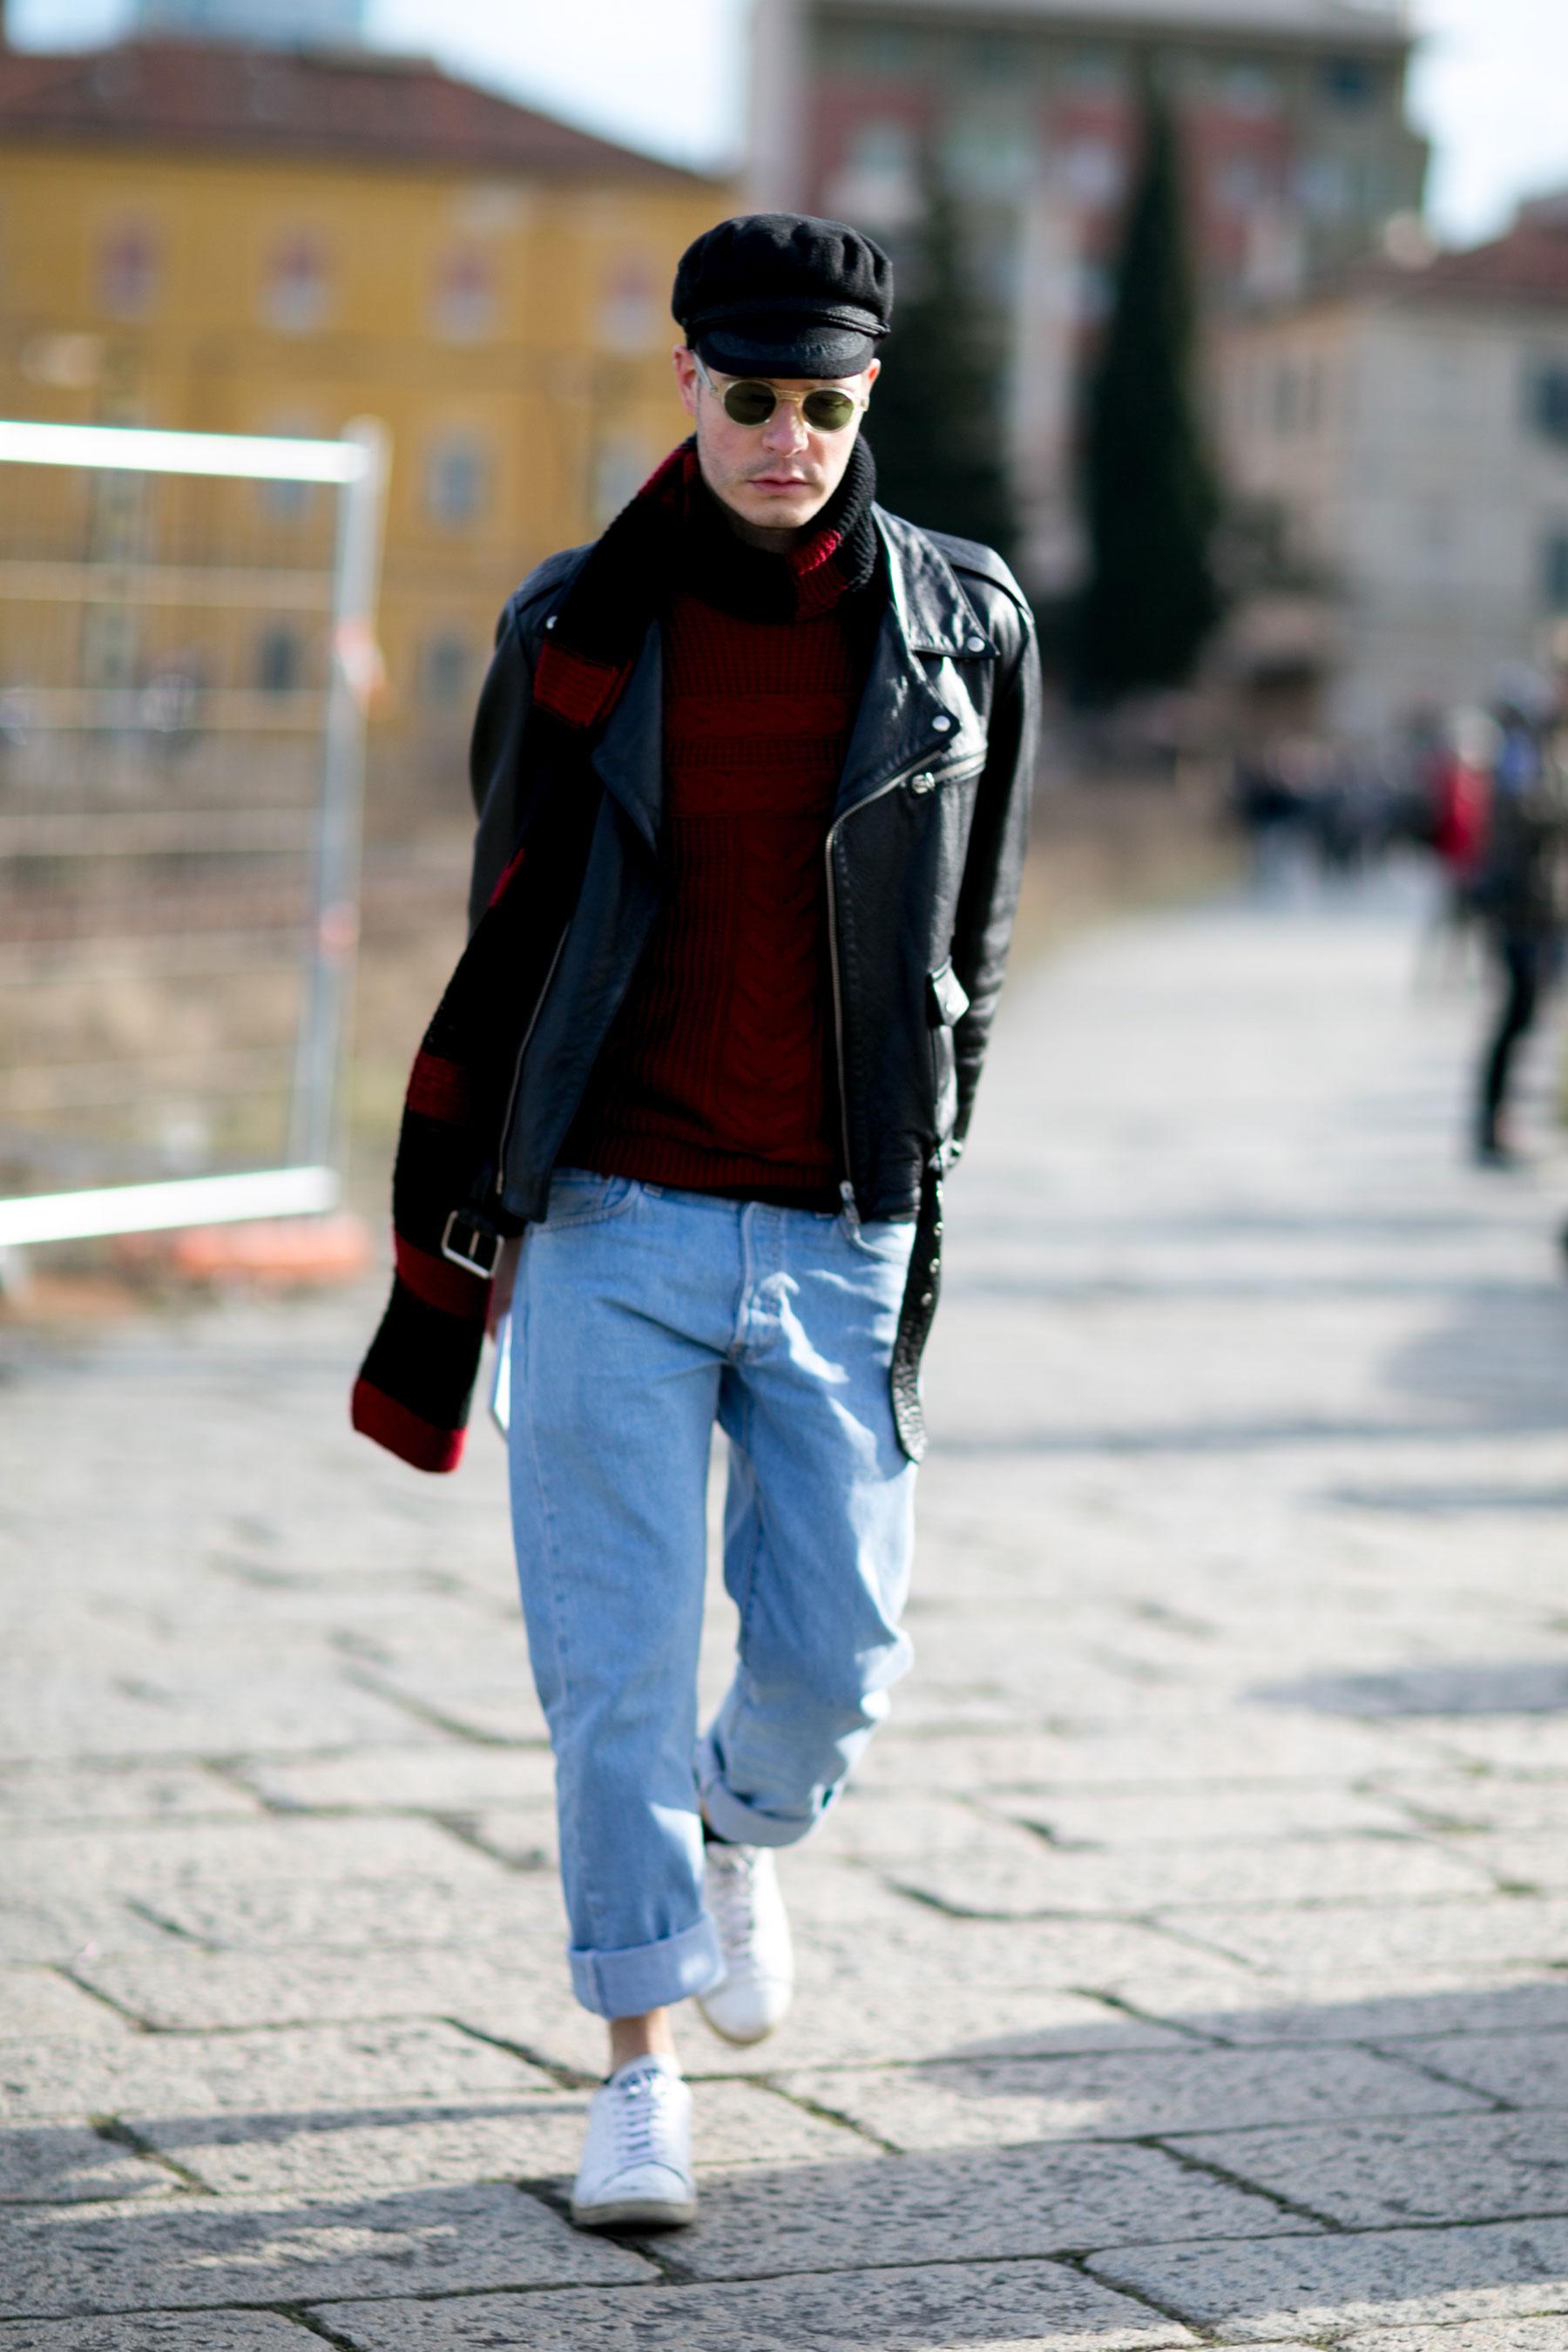 黒バイカーキャップ×ダブルライダース×赤柄セーター×ジーンズ×白ローカットスニーカー